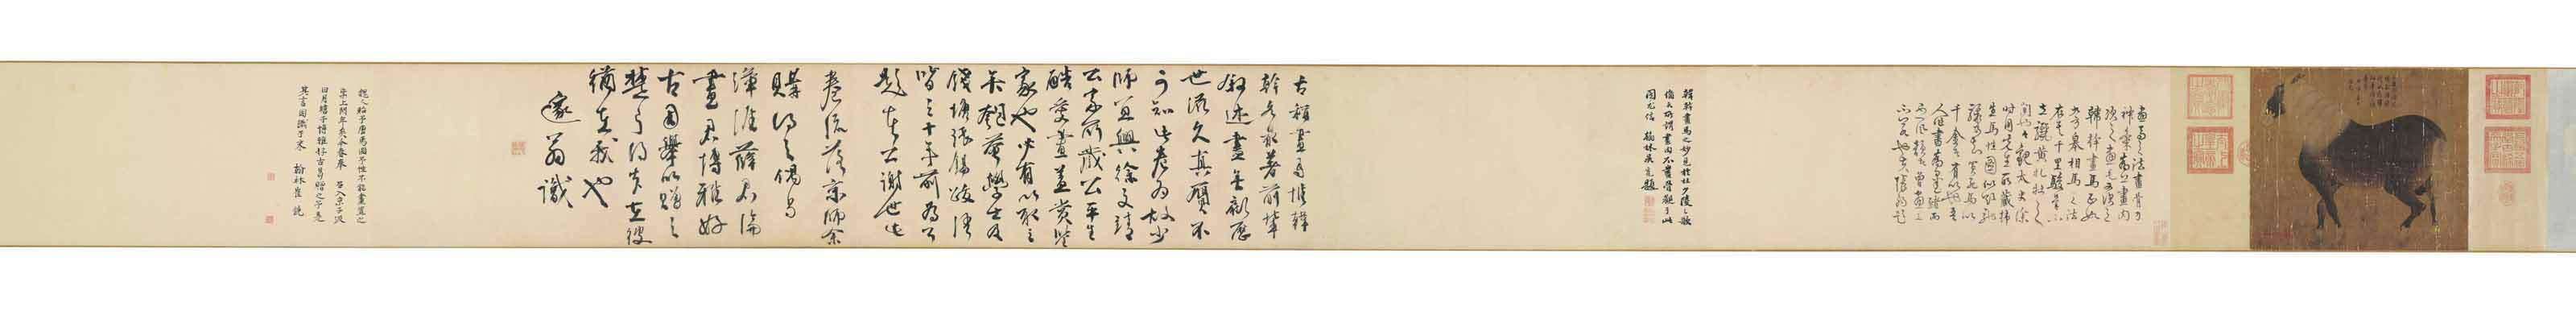 HAN GAN (706-783) AS CATALOGUED IN SHIQU BAOJI